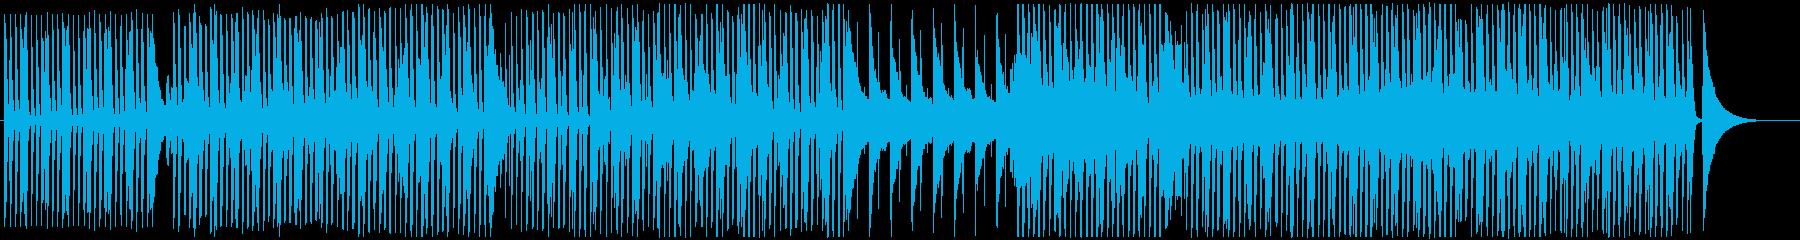 ピアノとギターの穏やか-爽やかポップの再生済みの波形